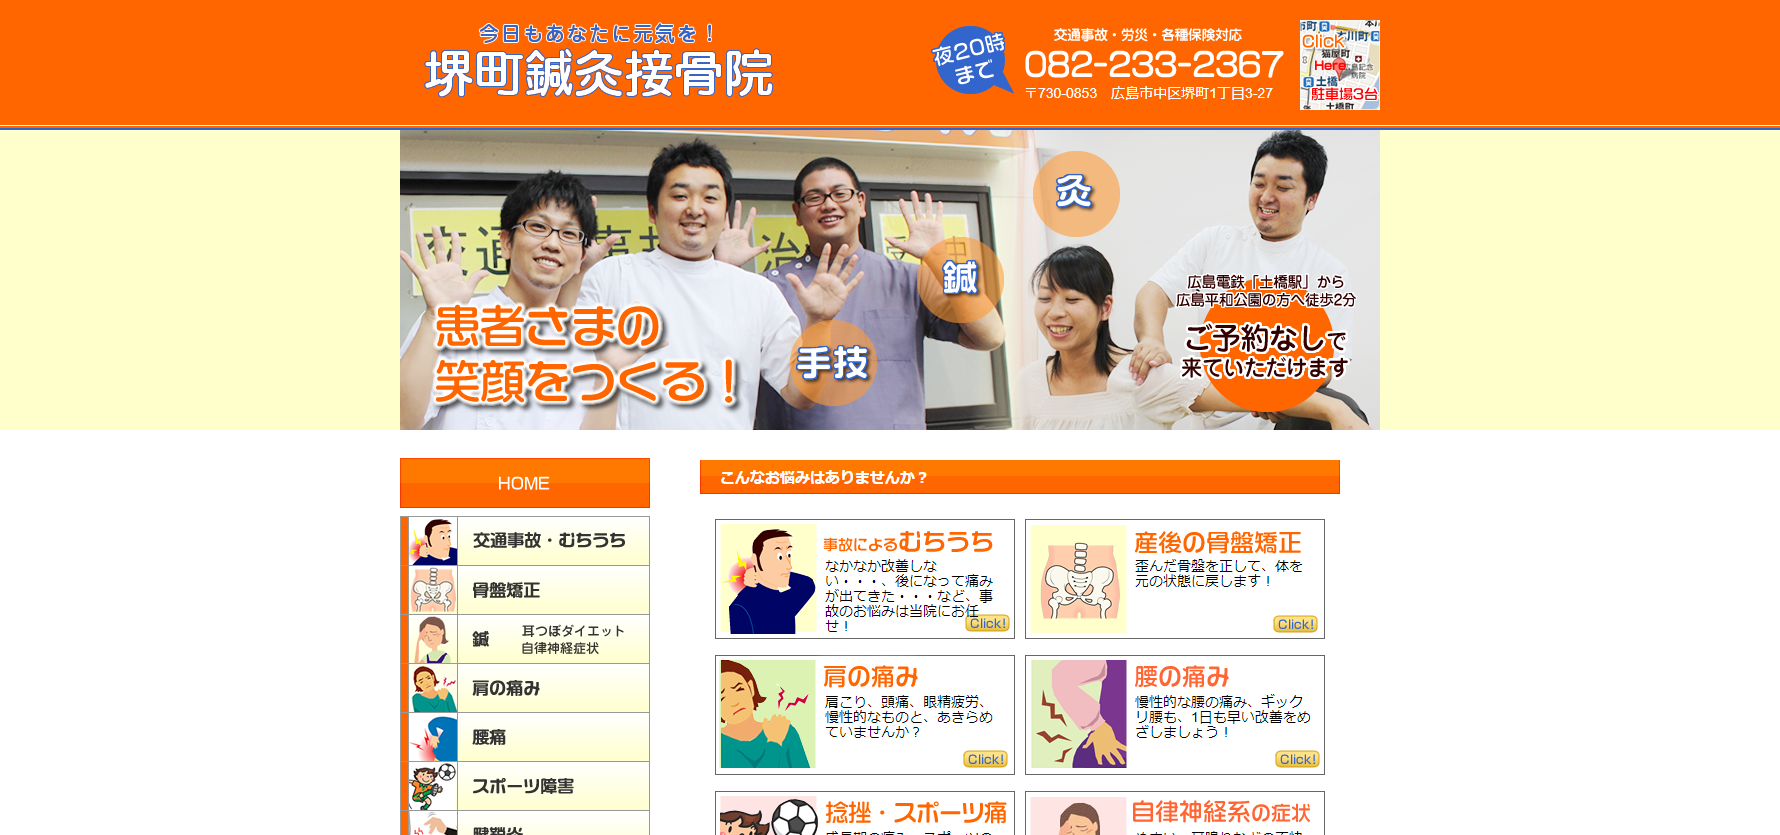 堺町鍼灸接骨院のサムネイル